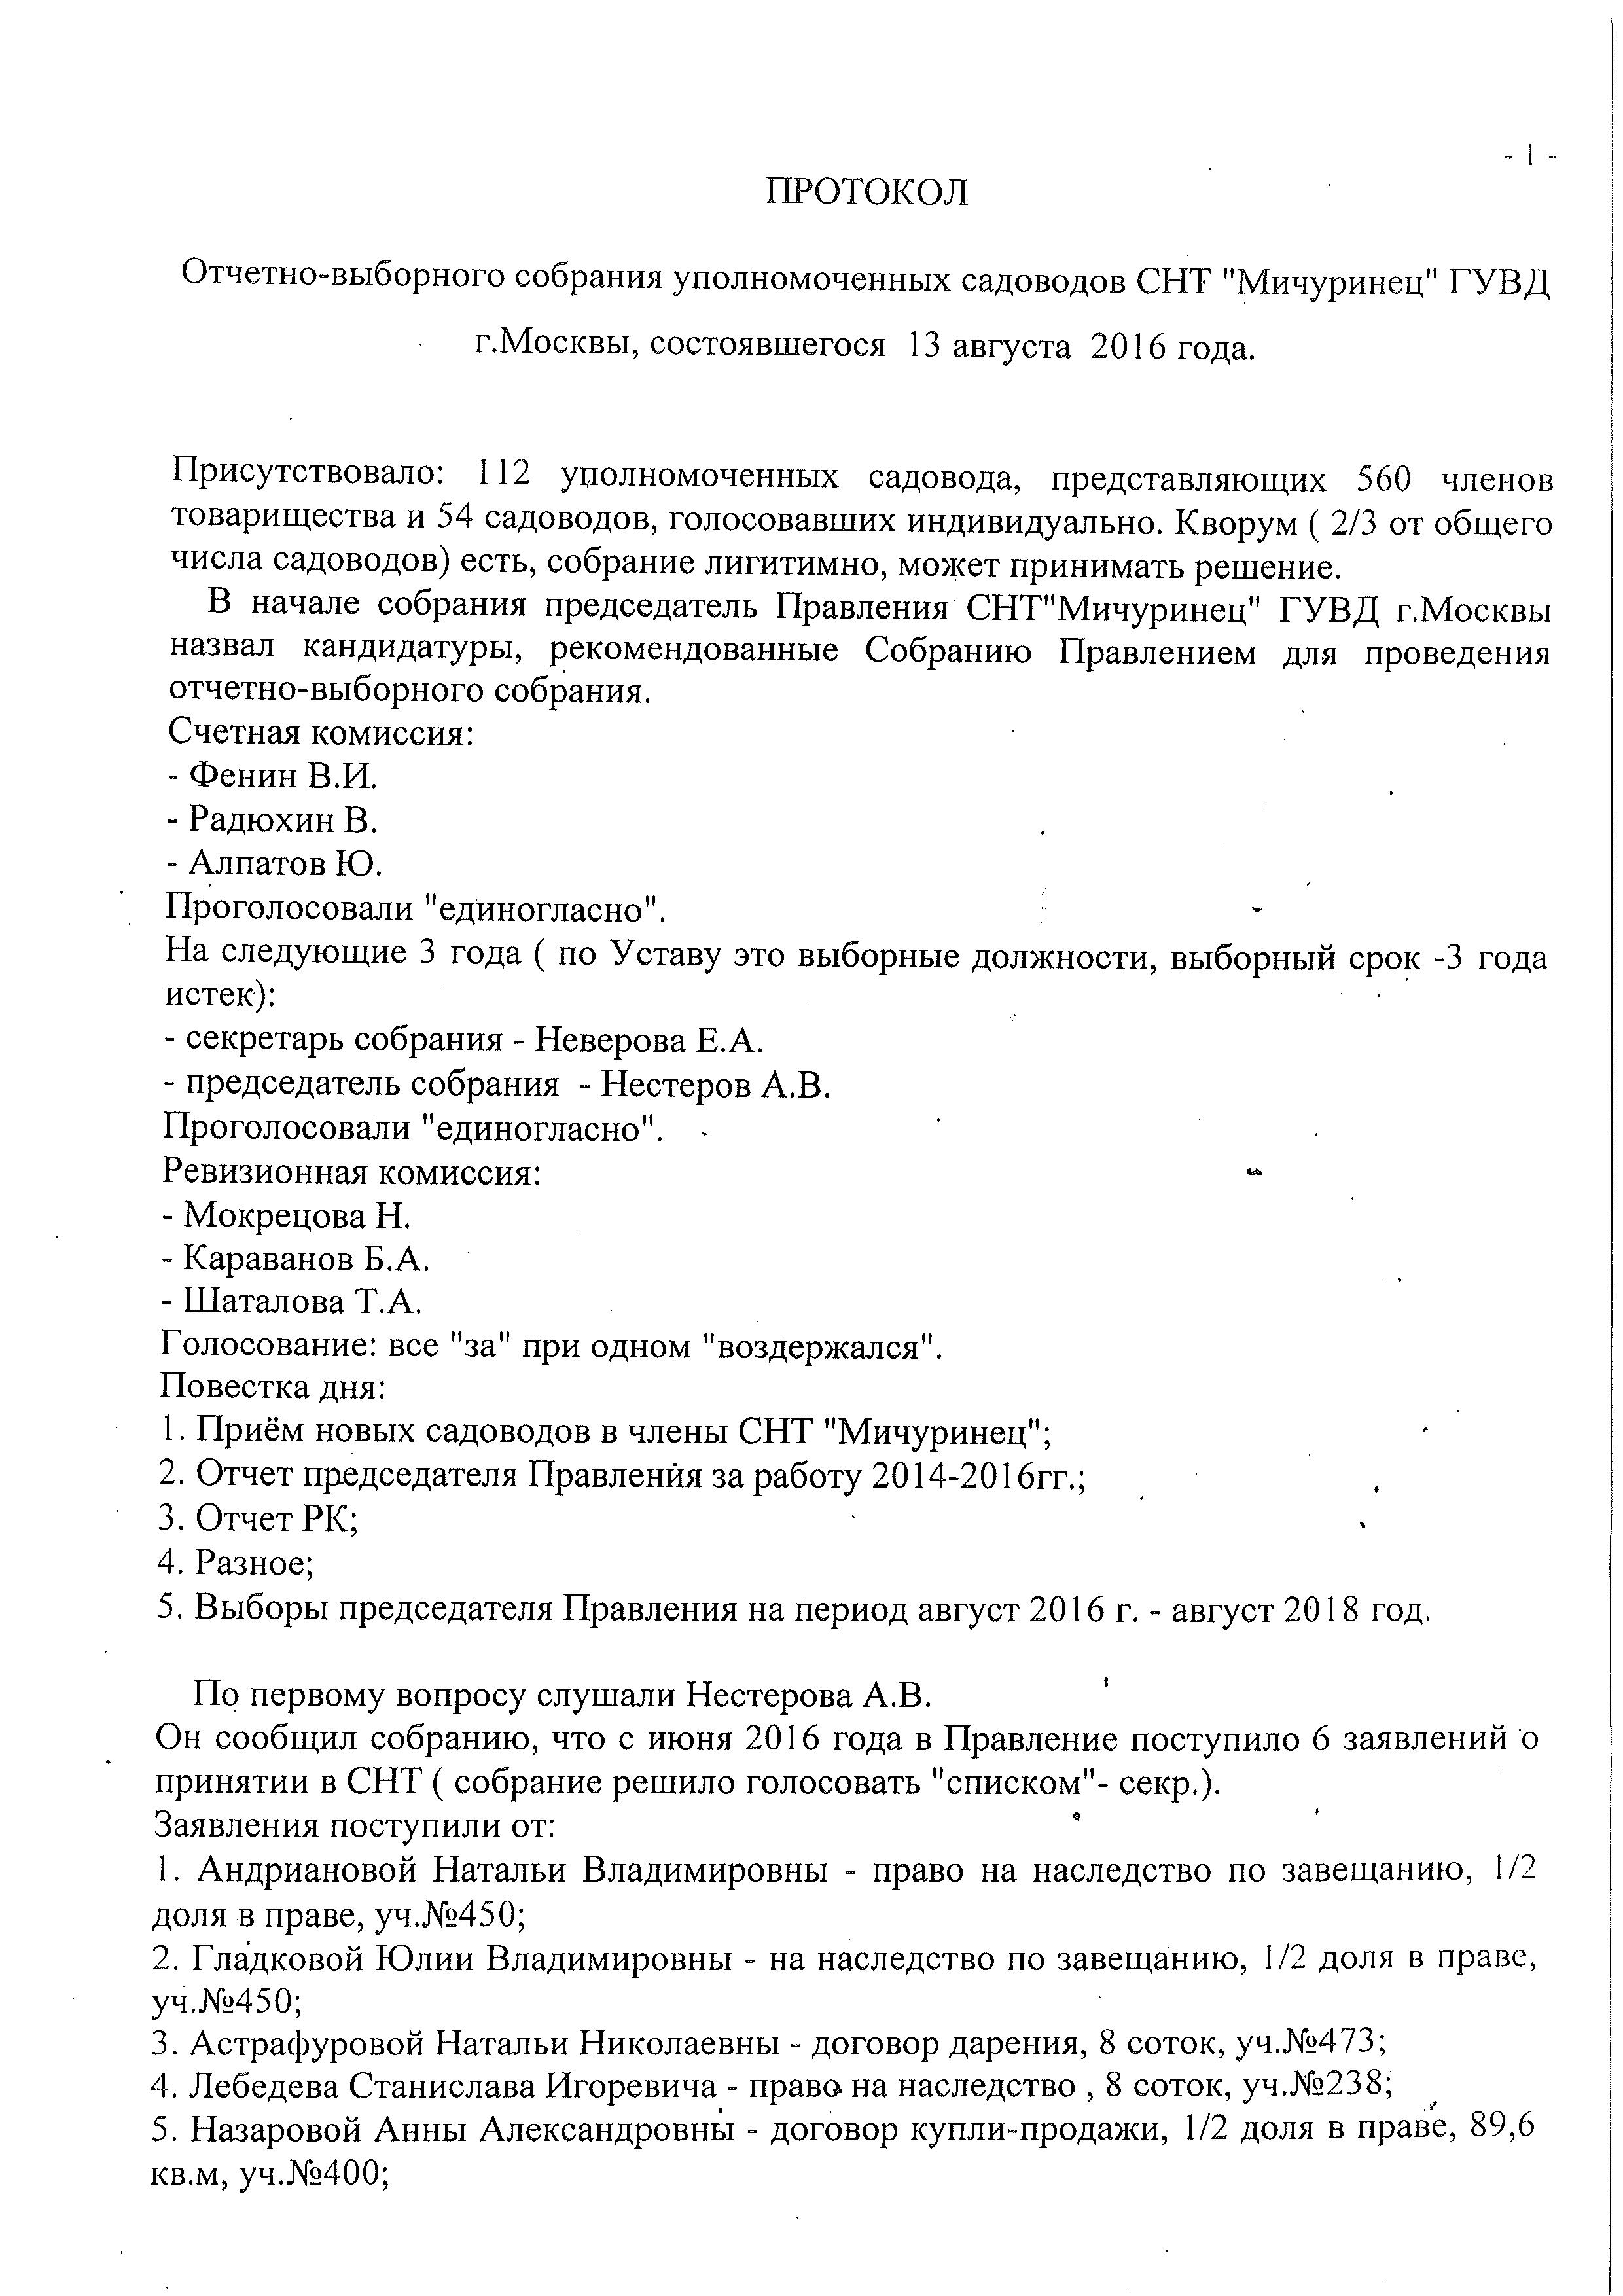 Протокол общего собрания членов СНТ Мичуринец ГУВД Москвы 2016 стр1